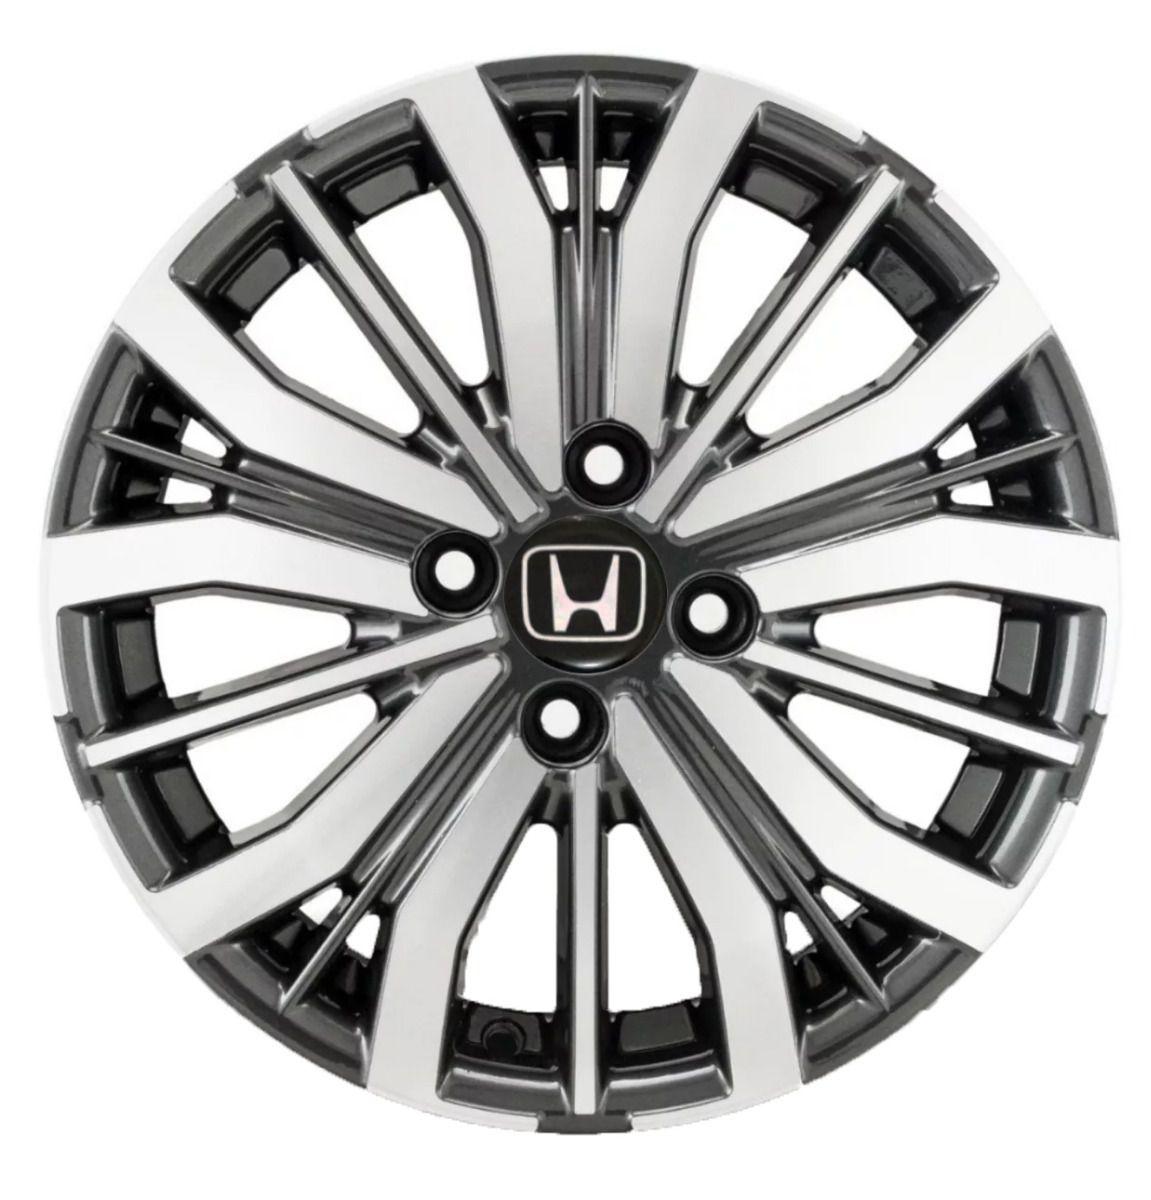 Jogo 4 Rodas KR S-04 Honda City 2018 aro 15 4x100 grafite diamantado tala 6 ET50